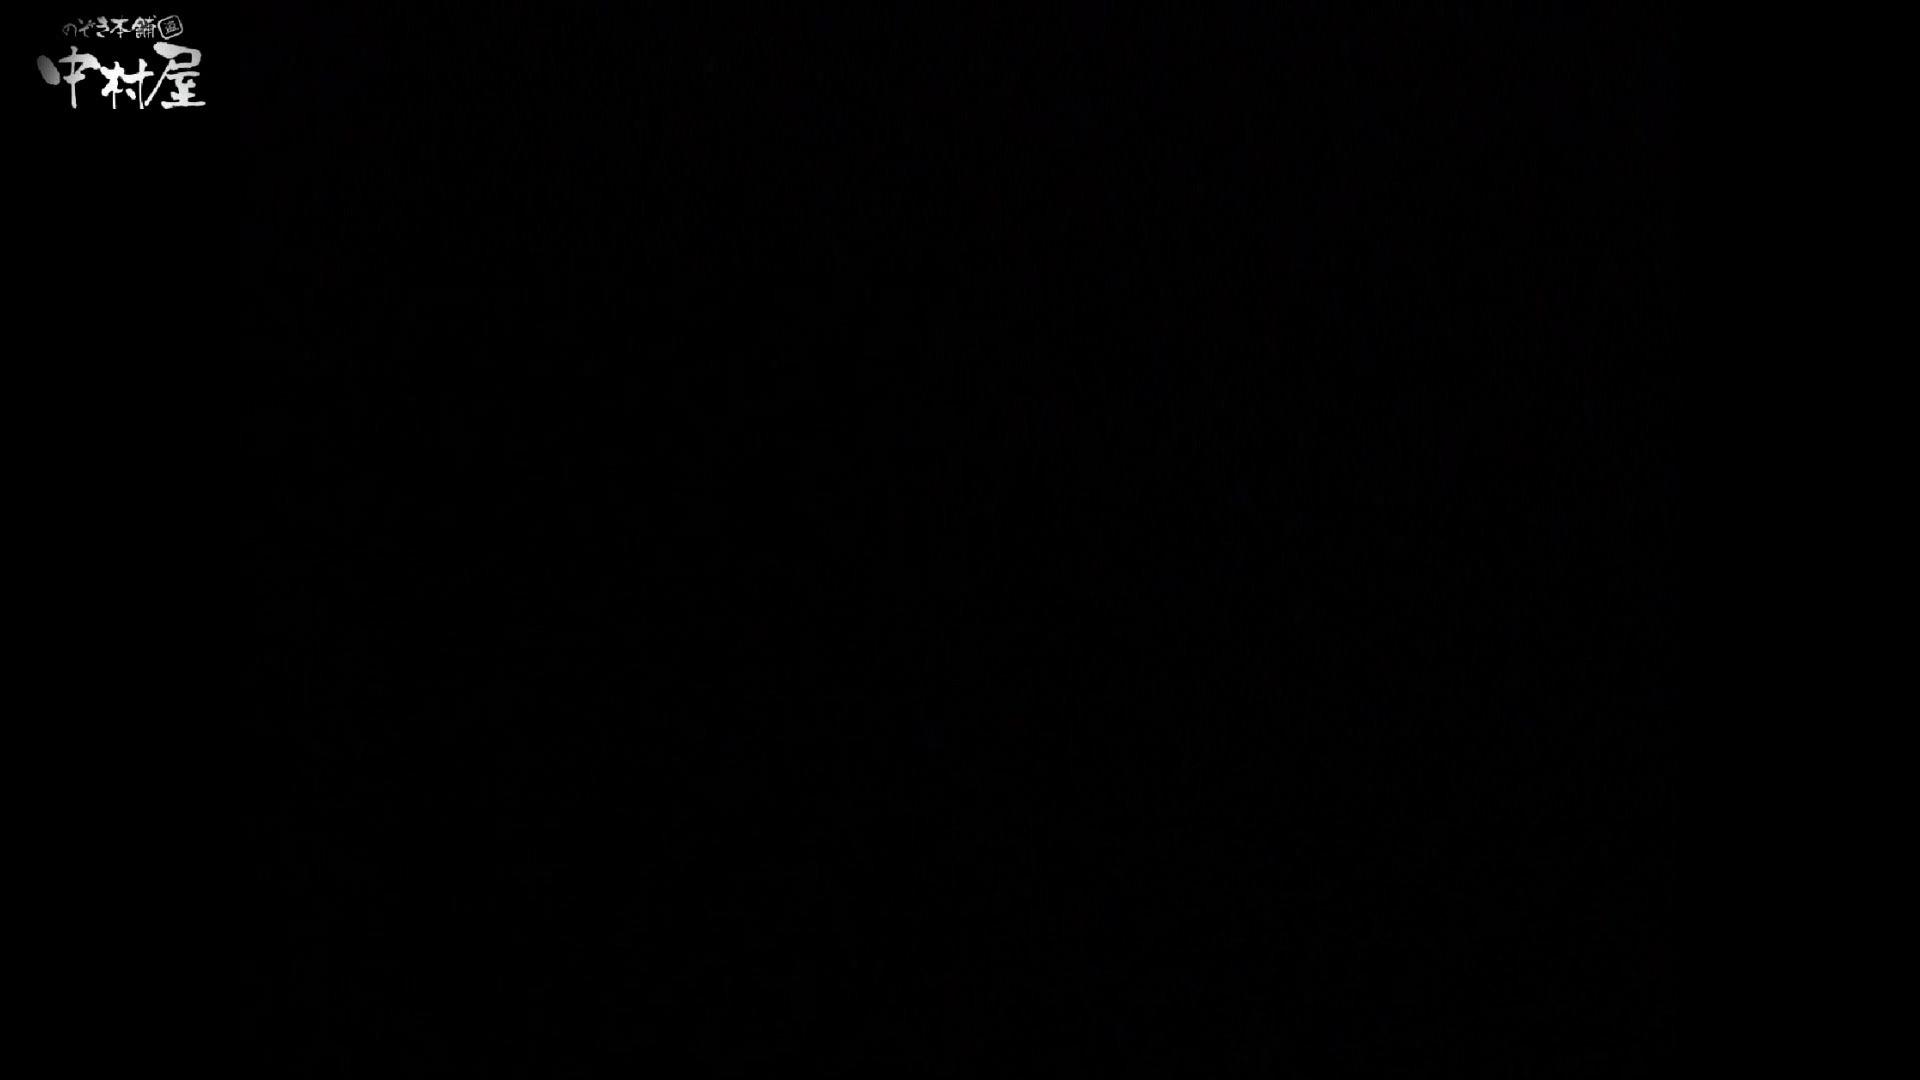 民家風呂専門盗撮師の超危険映像 vol.018 盗撮  89連発 9